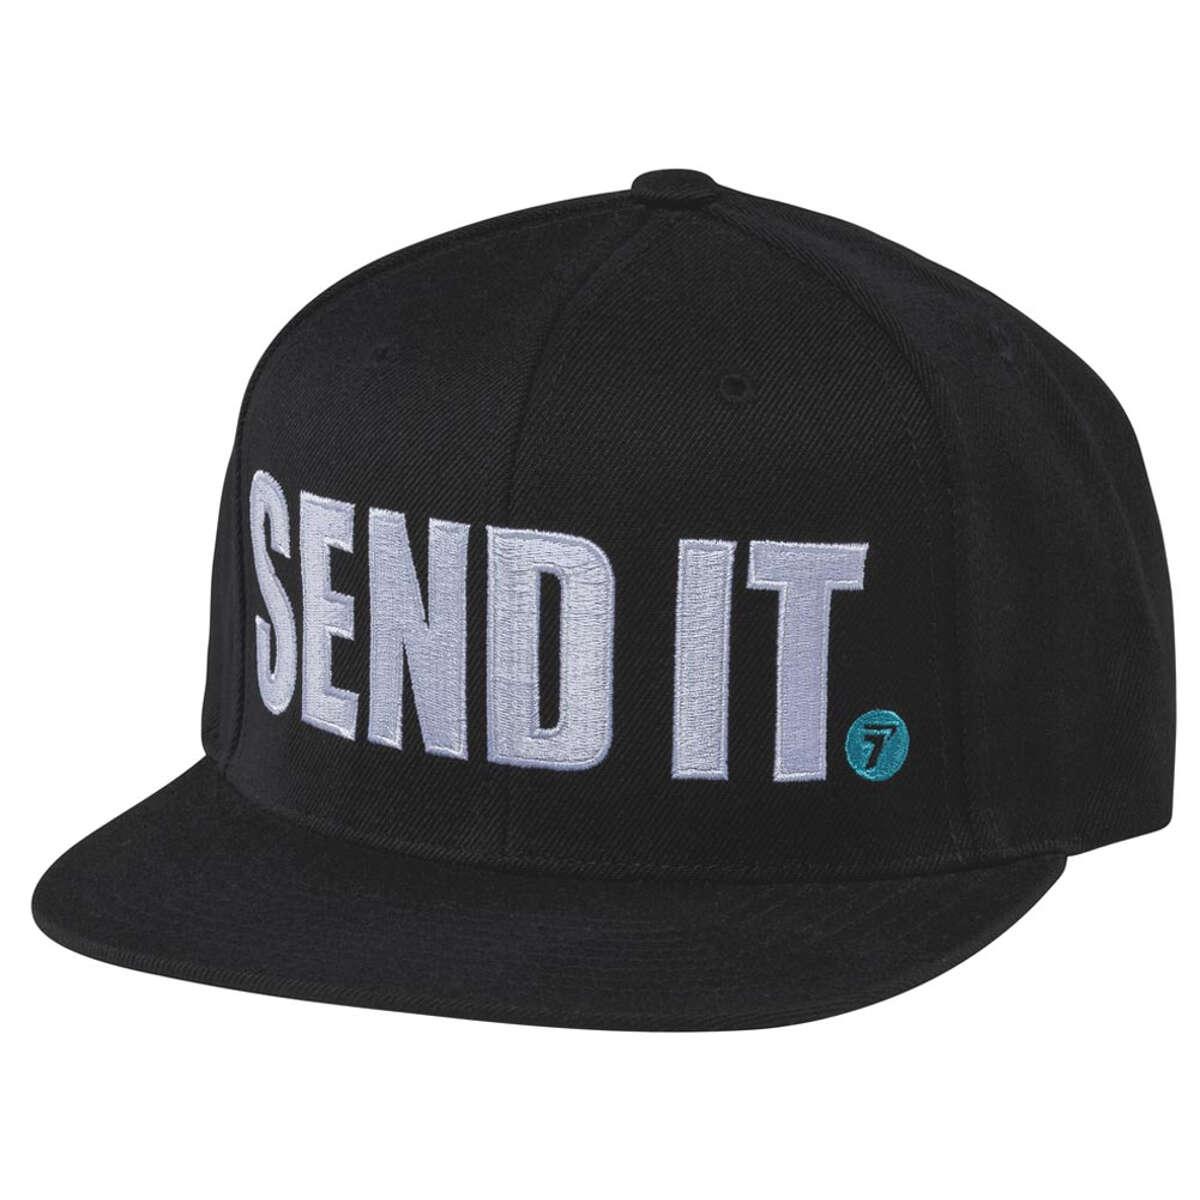 Seven MX Snapback Cap Send It Schwarz | Maciag Offroad